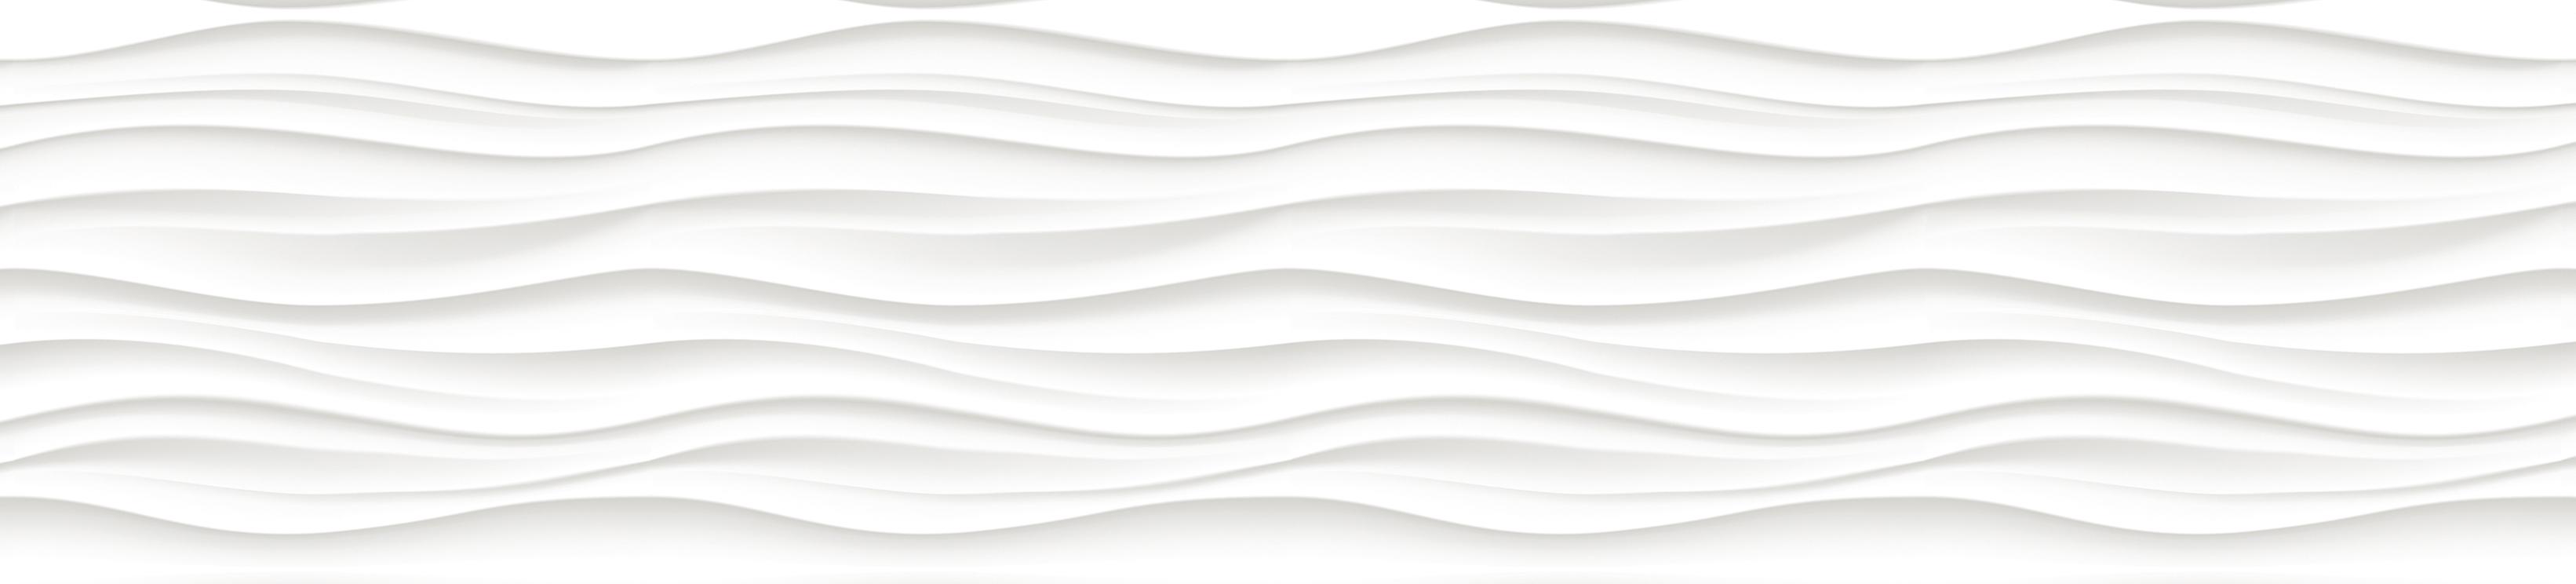 Nástenný panel SP-74 biela vlnovka